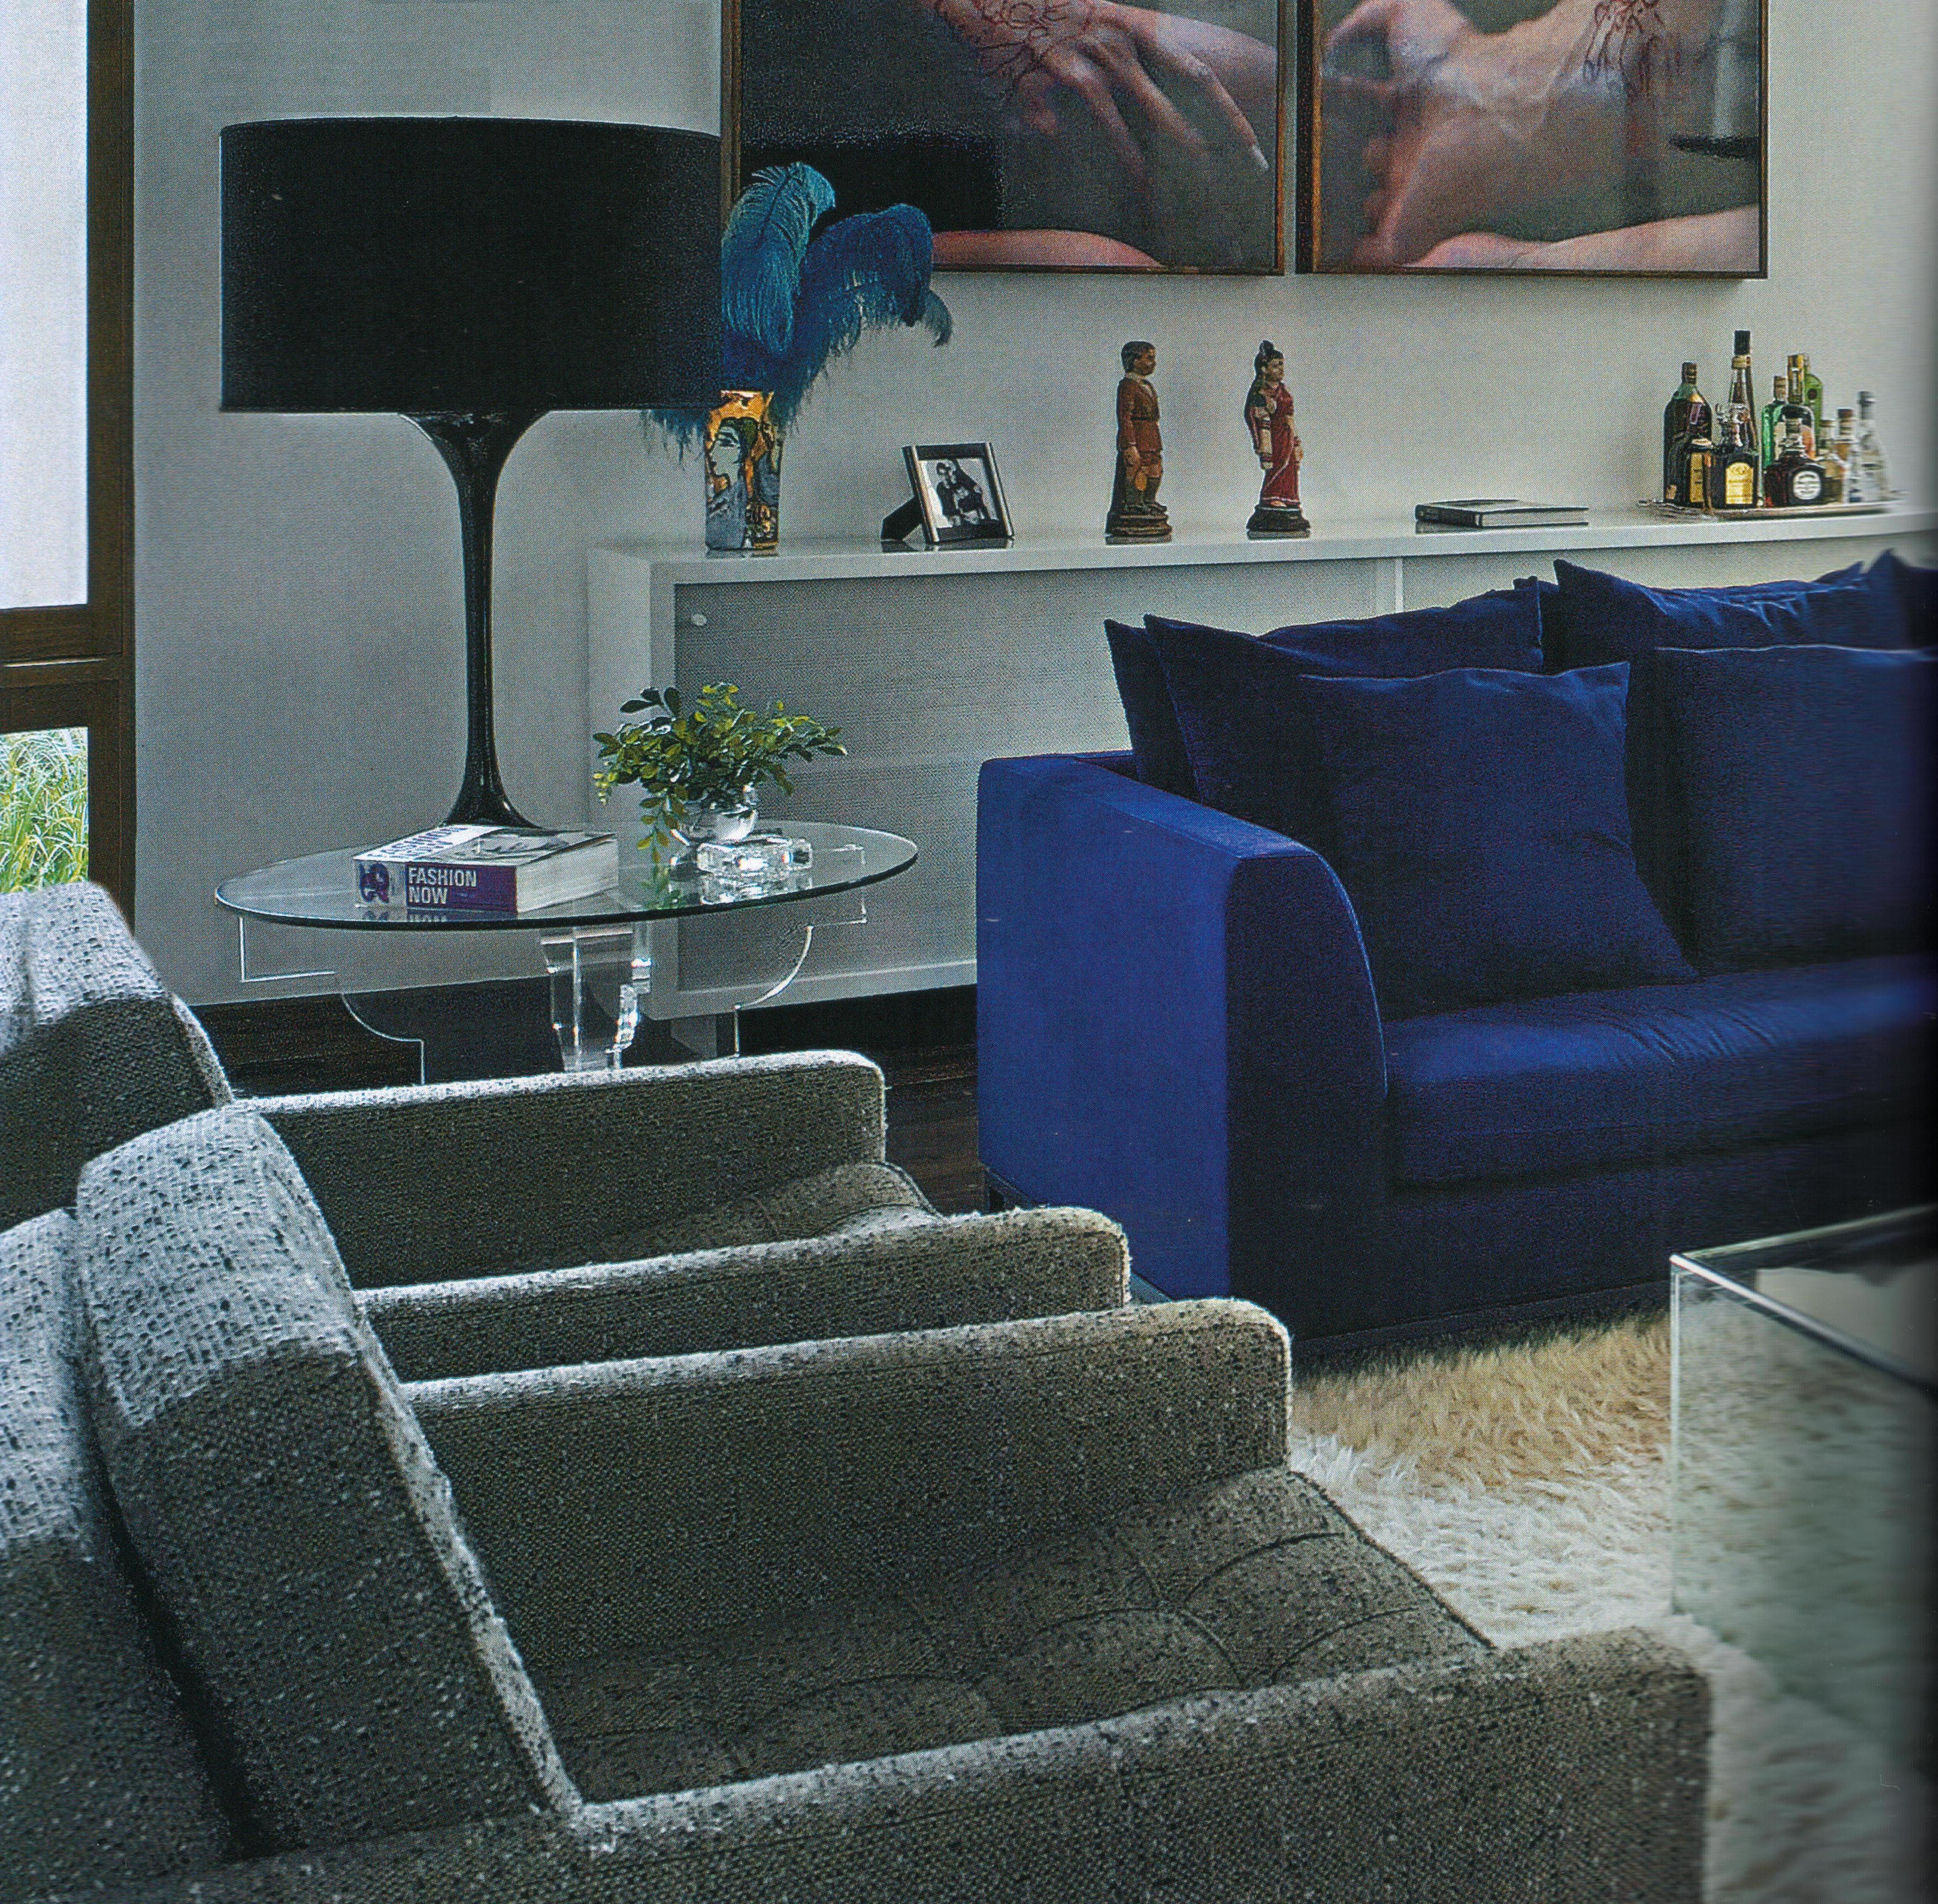 Pruzak Com Decoracao De Sala Pequena Com Sofa Azul Id Ias  -> Decoracao De Sala Azul Marinho